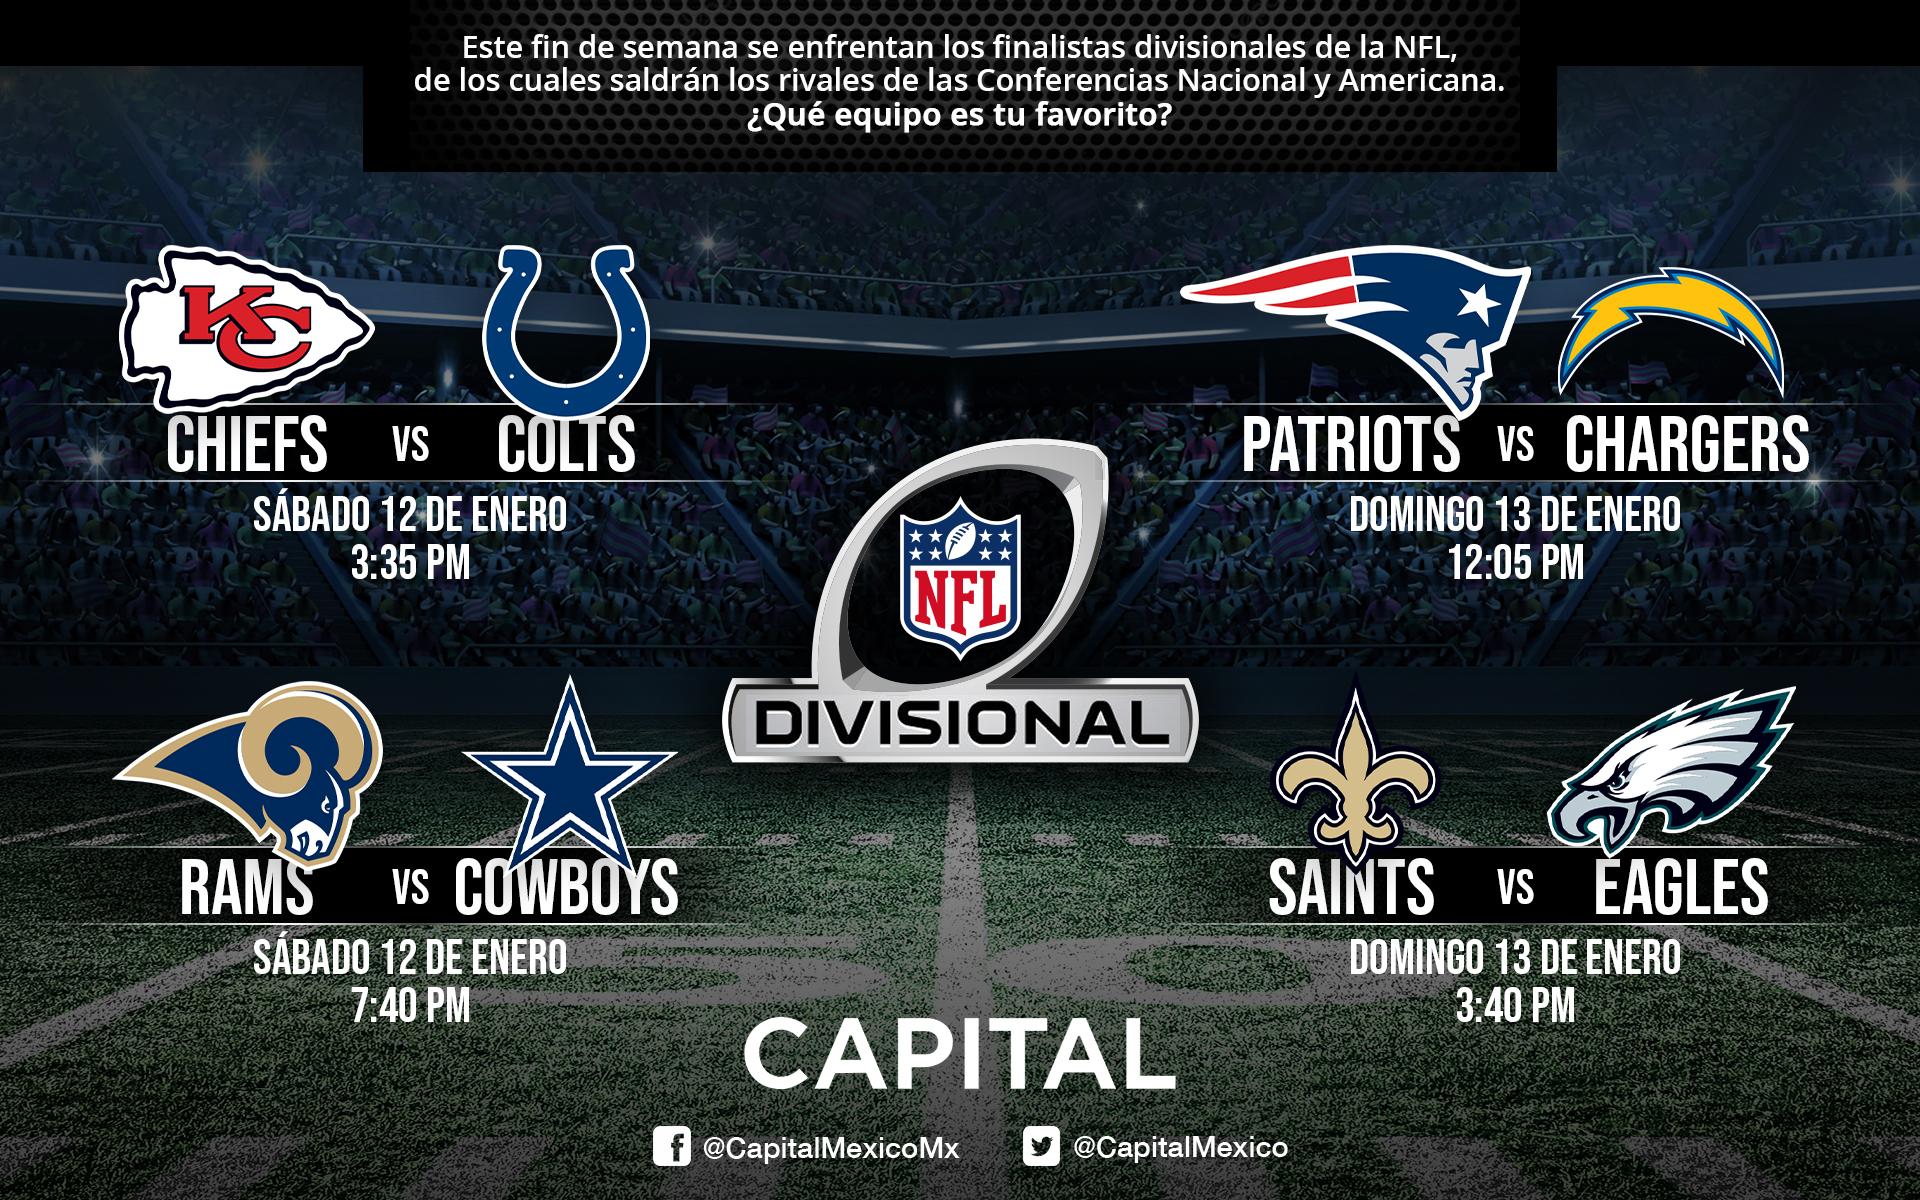 Enfrentamientos de NFL divisionales 2019